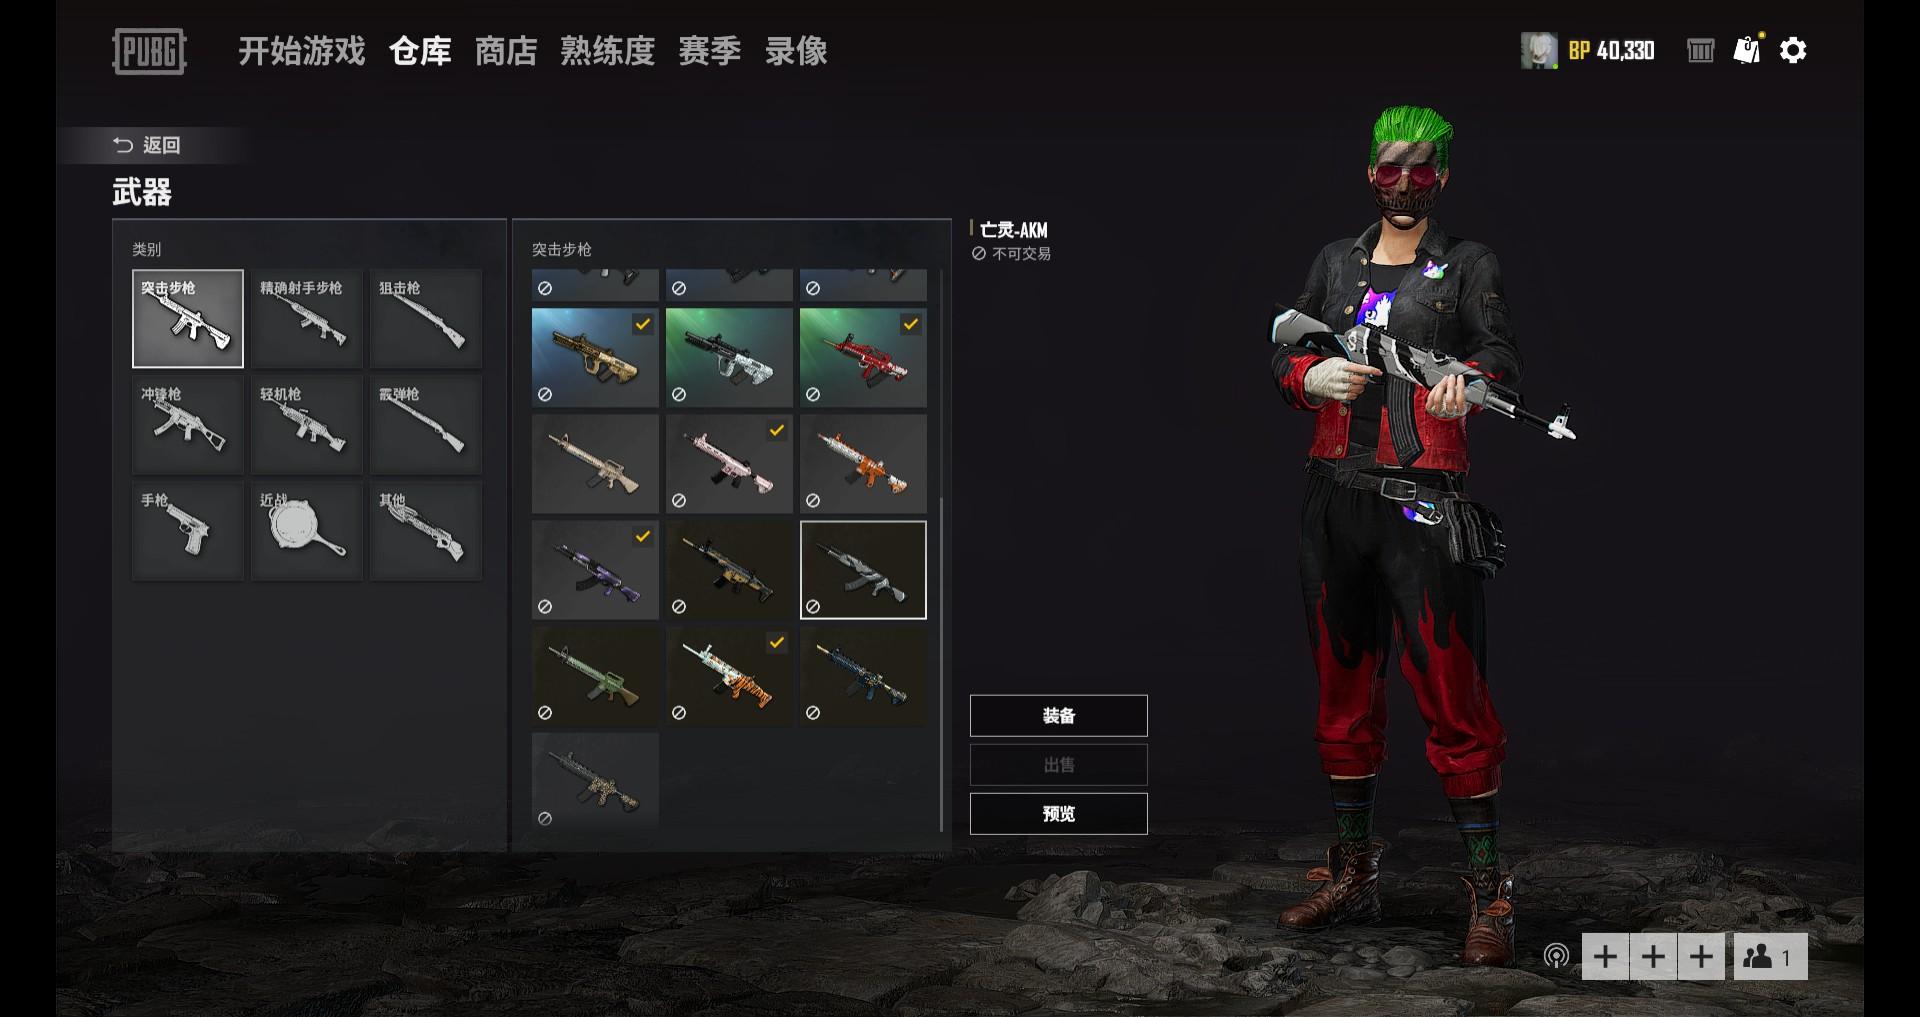 亡灵AKM (2)